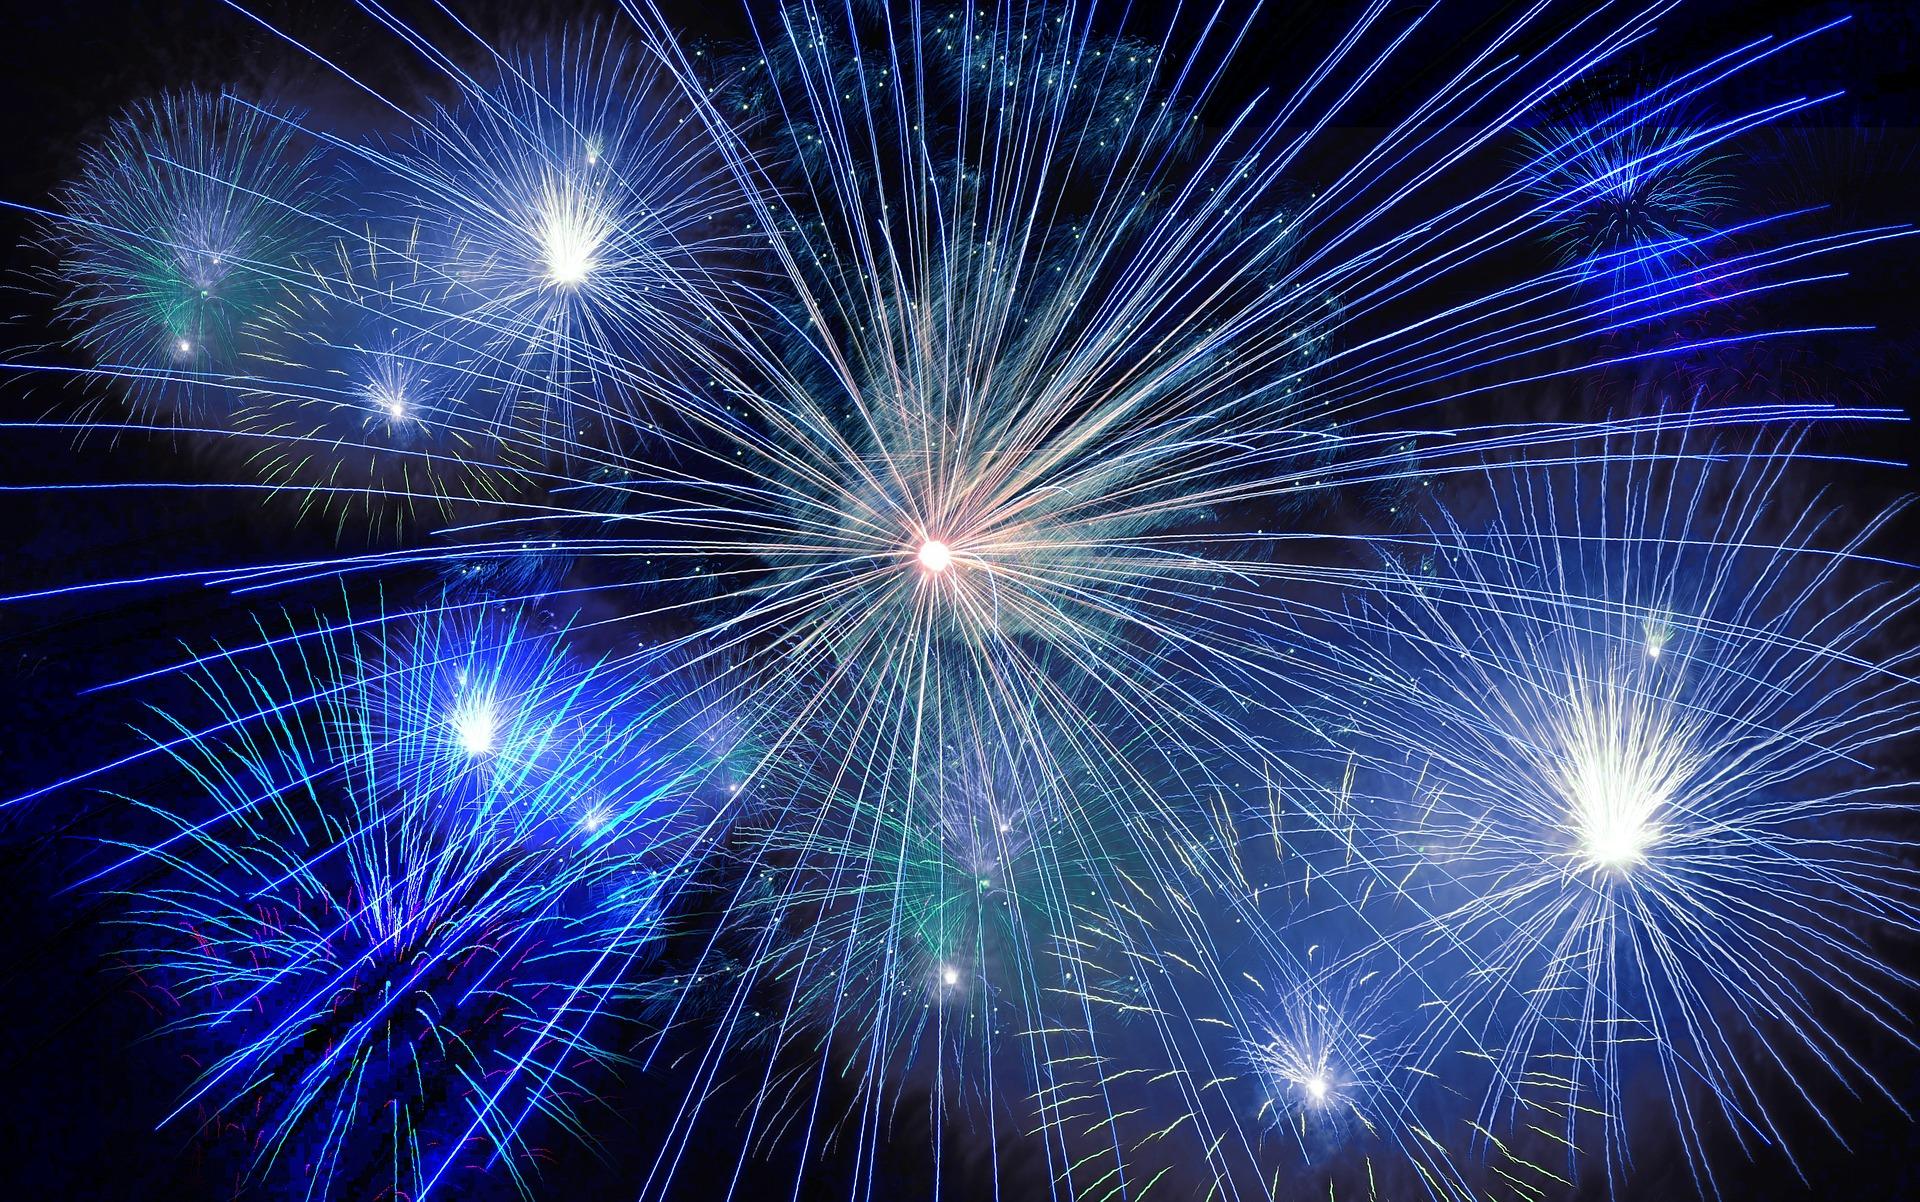 2019 – nytt år med blåsbort vinder, boblende kreaktivitet og nye blemmer